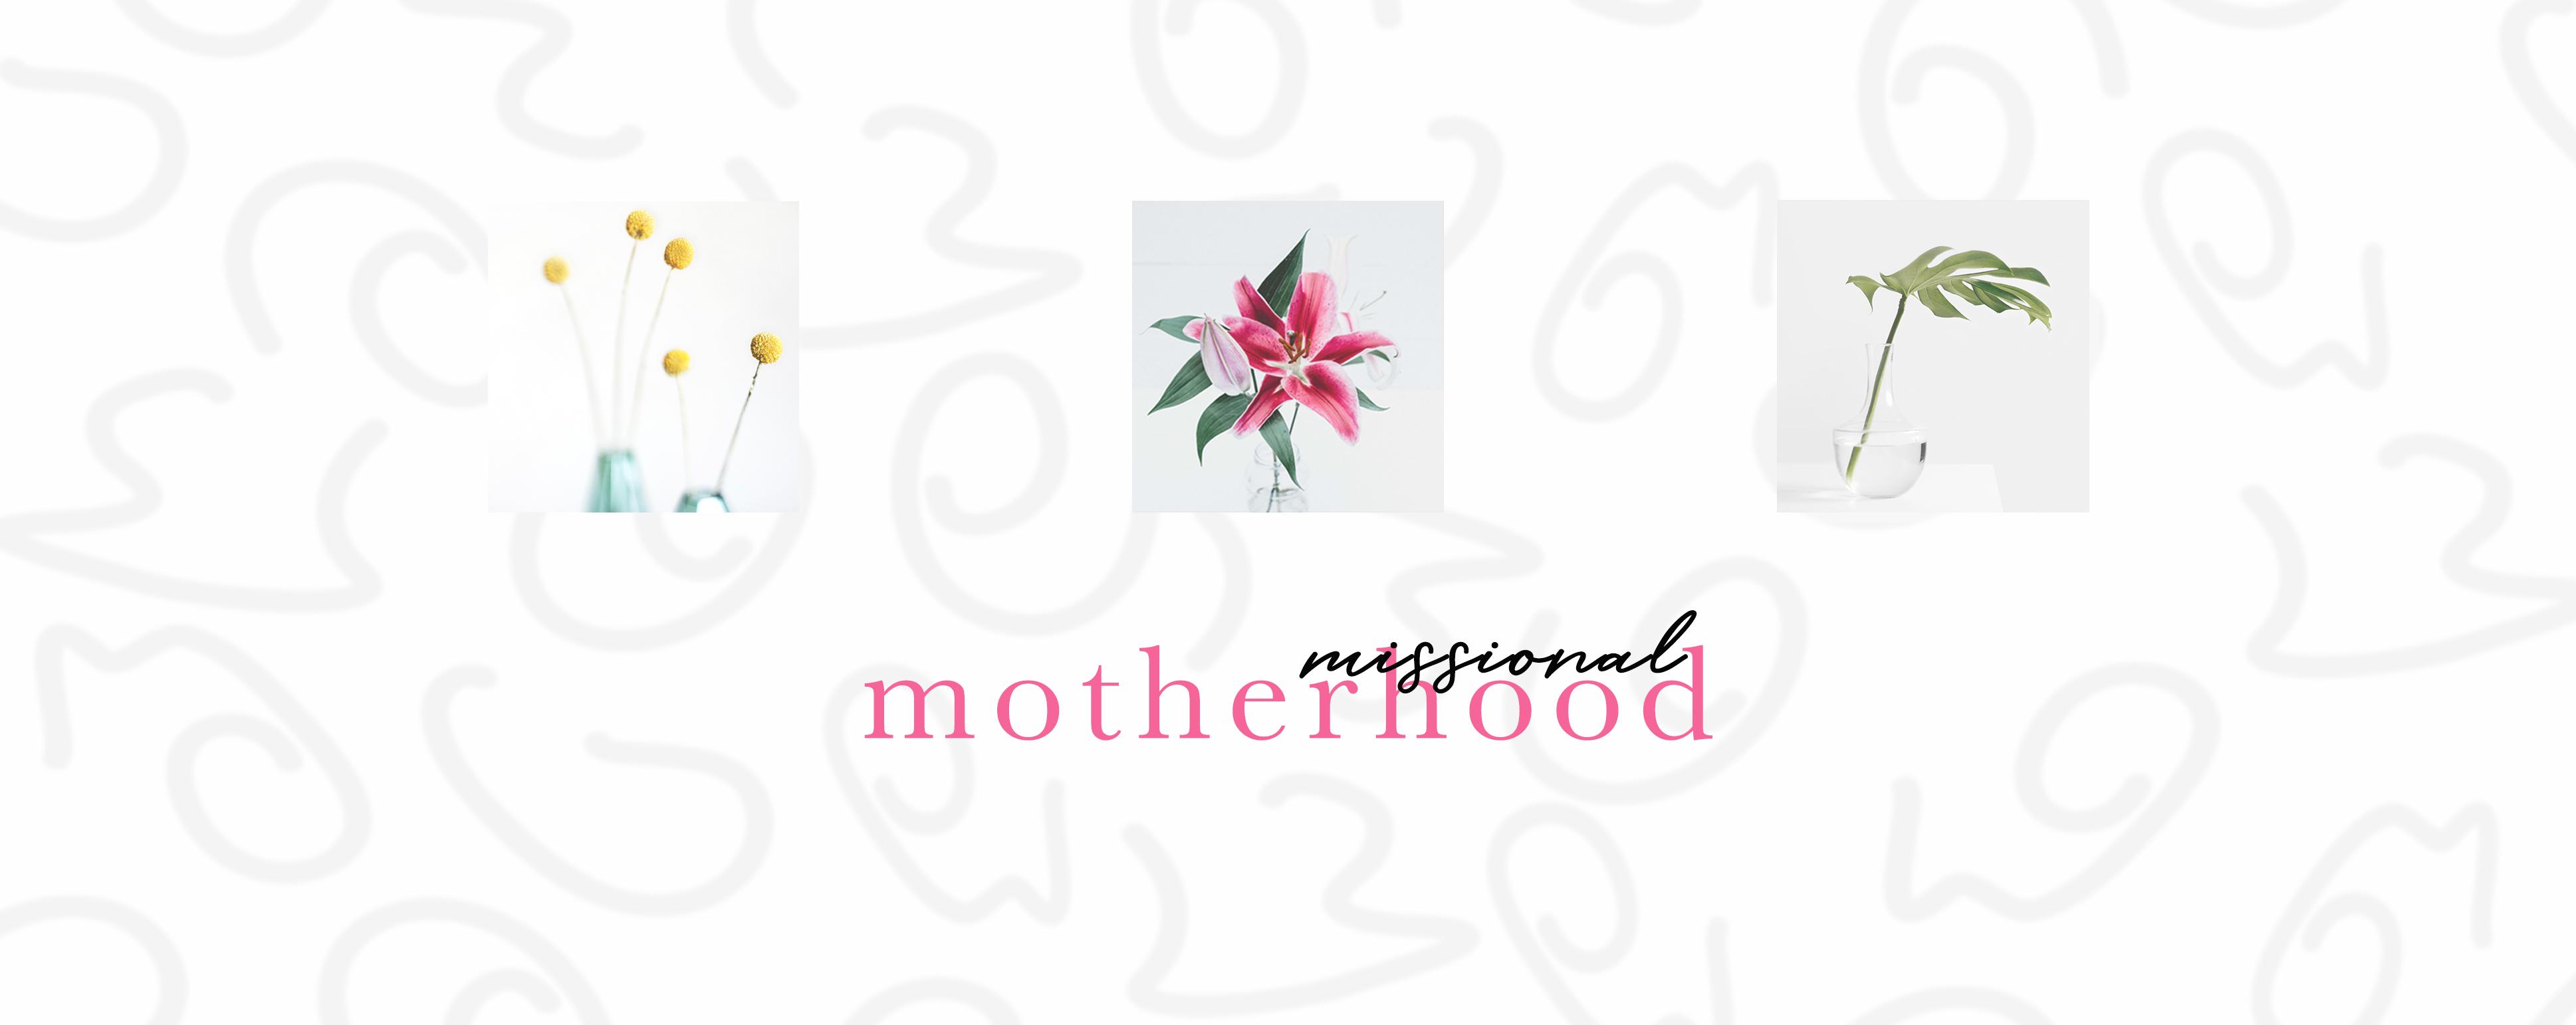 Web   missional motherhood